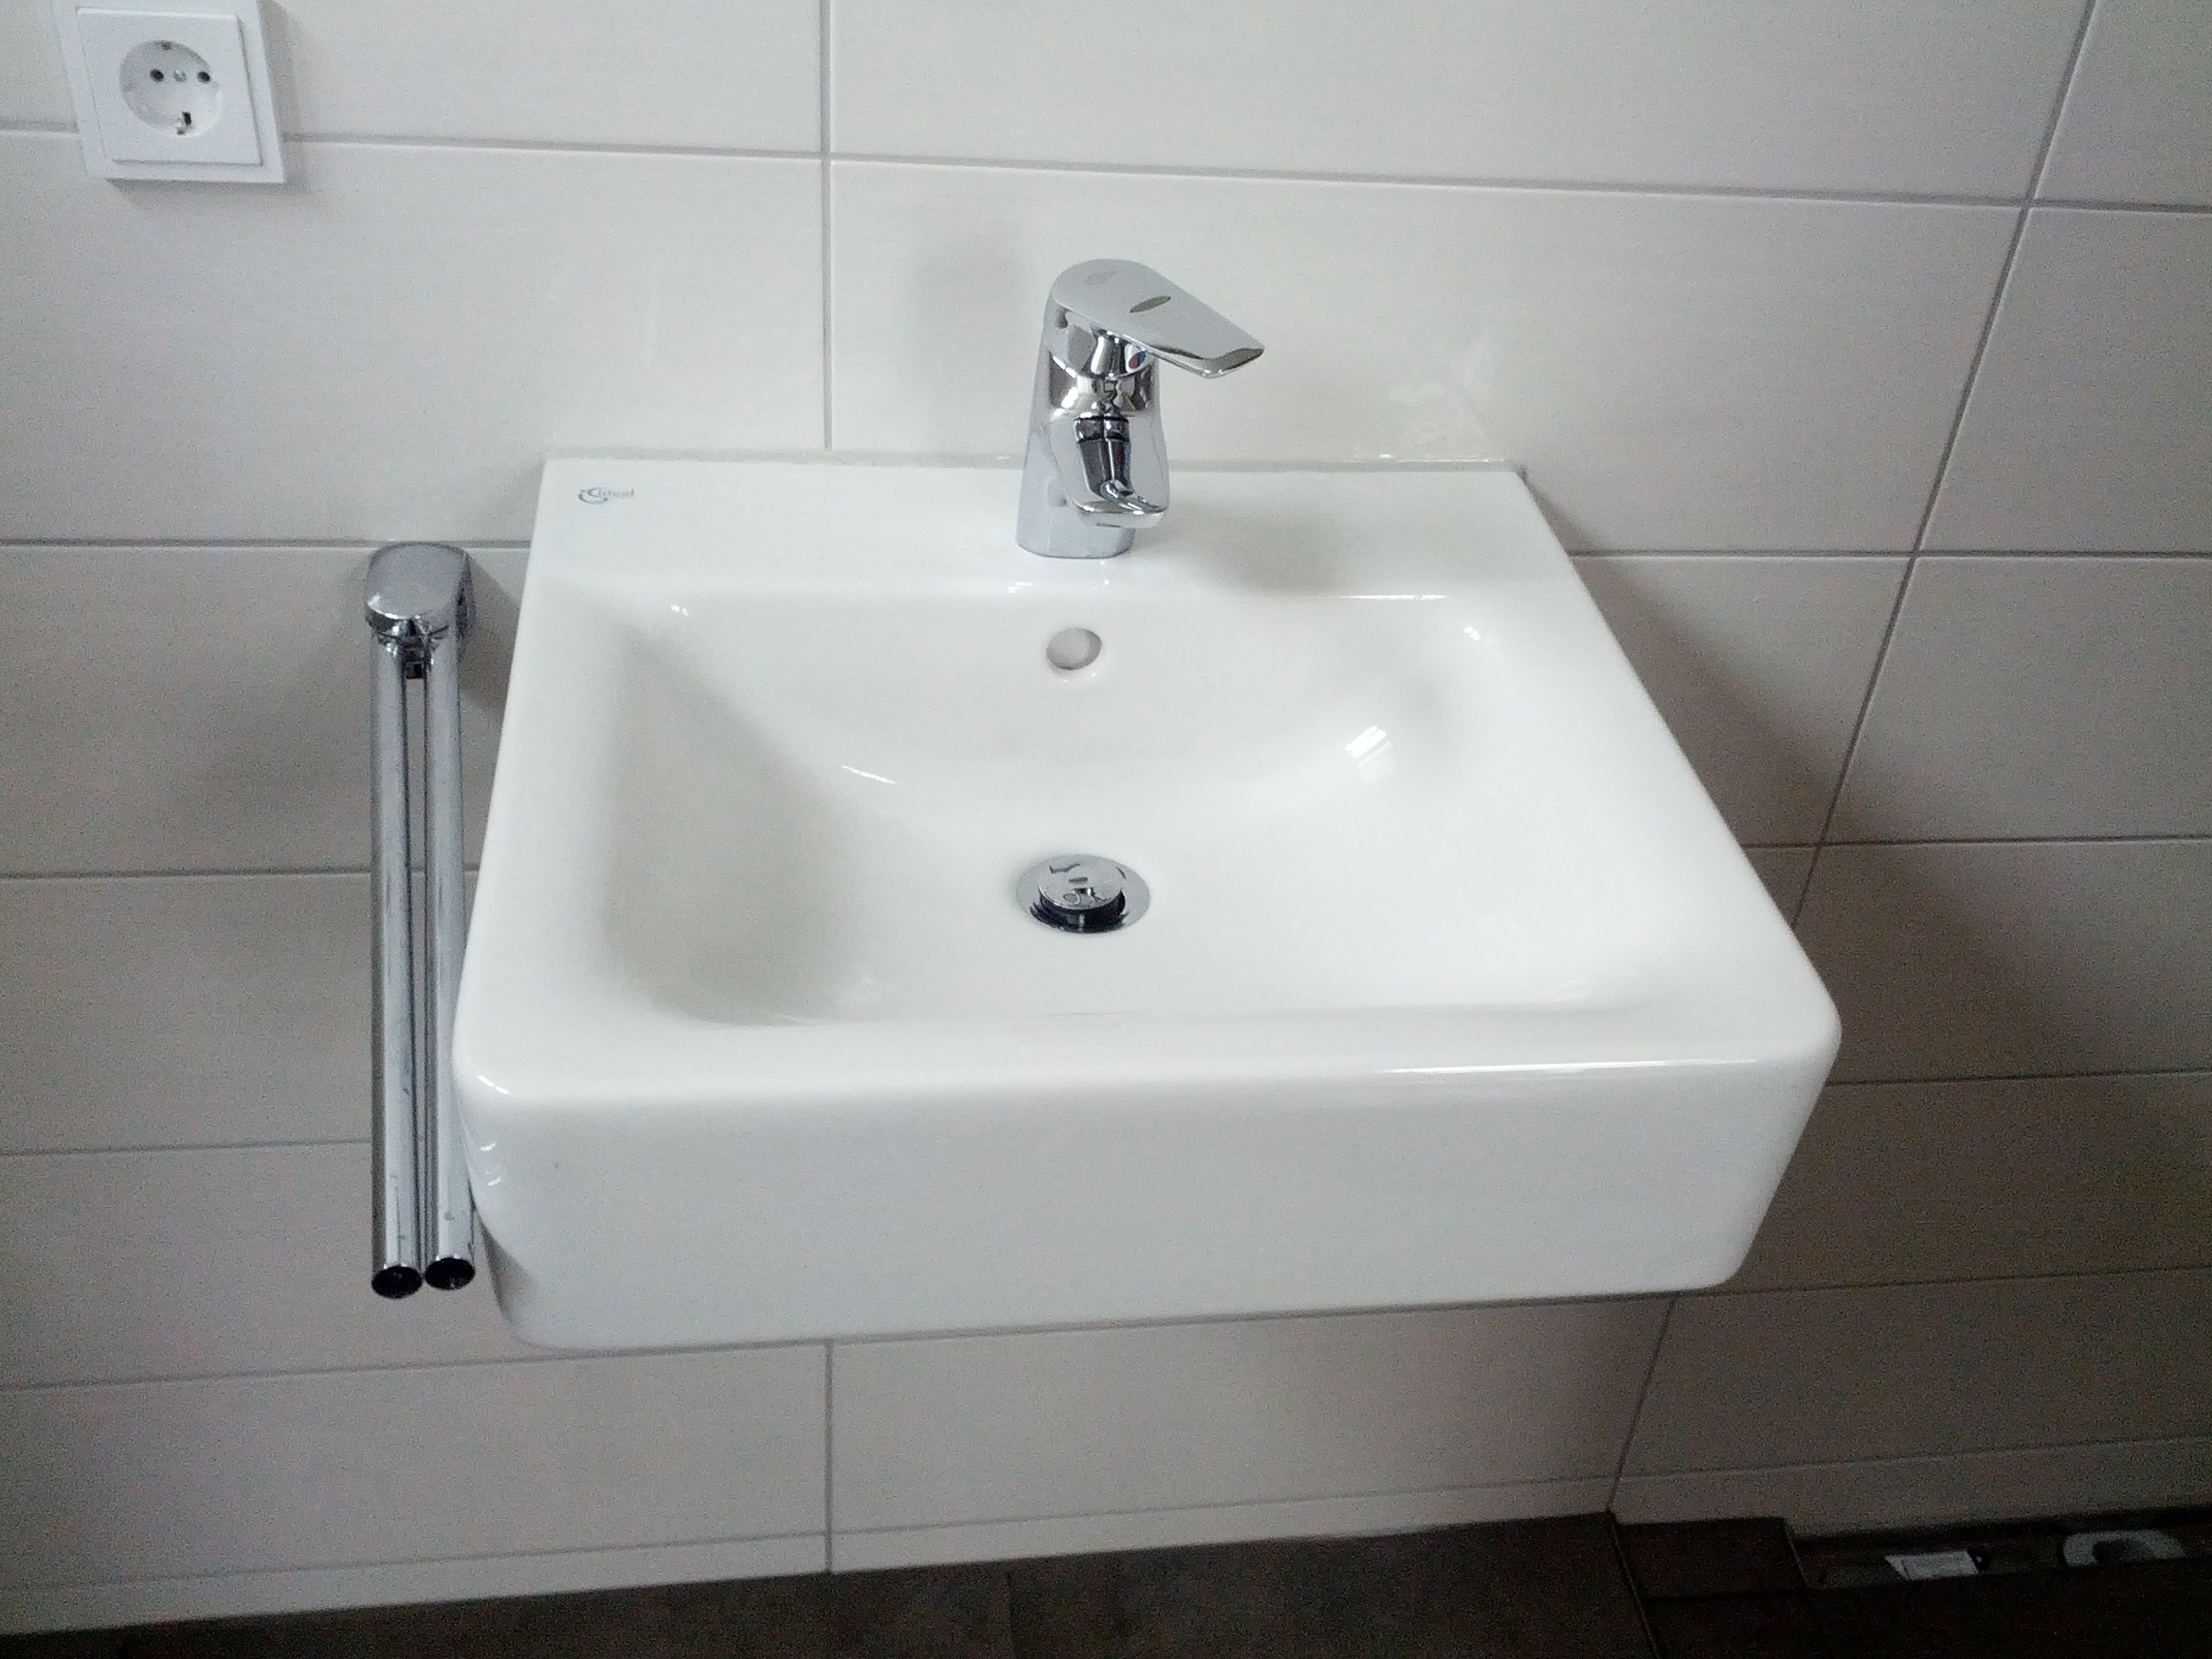 verschmutzungen im sanitärbereich